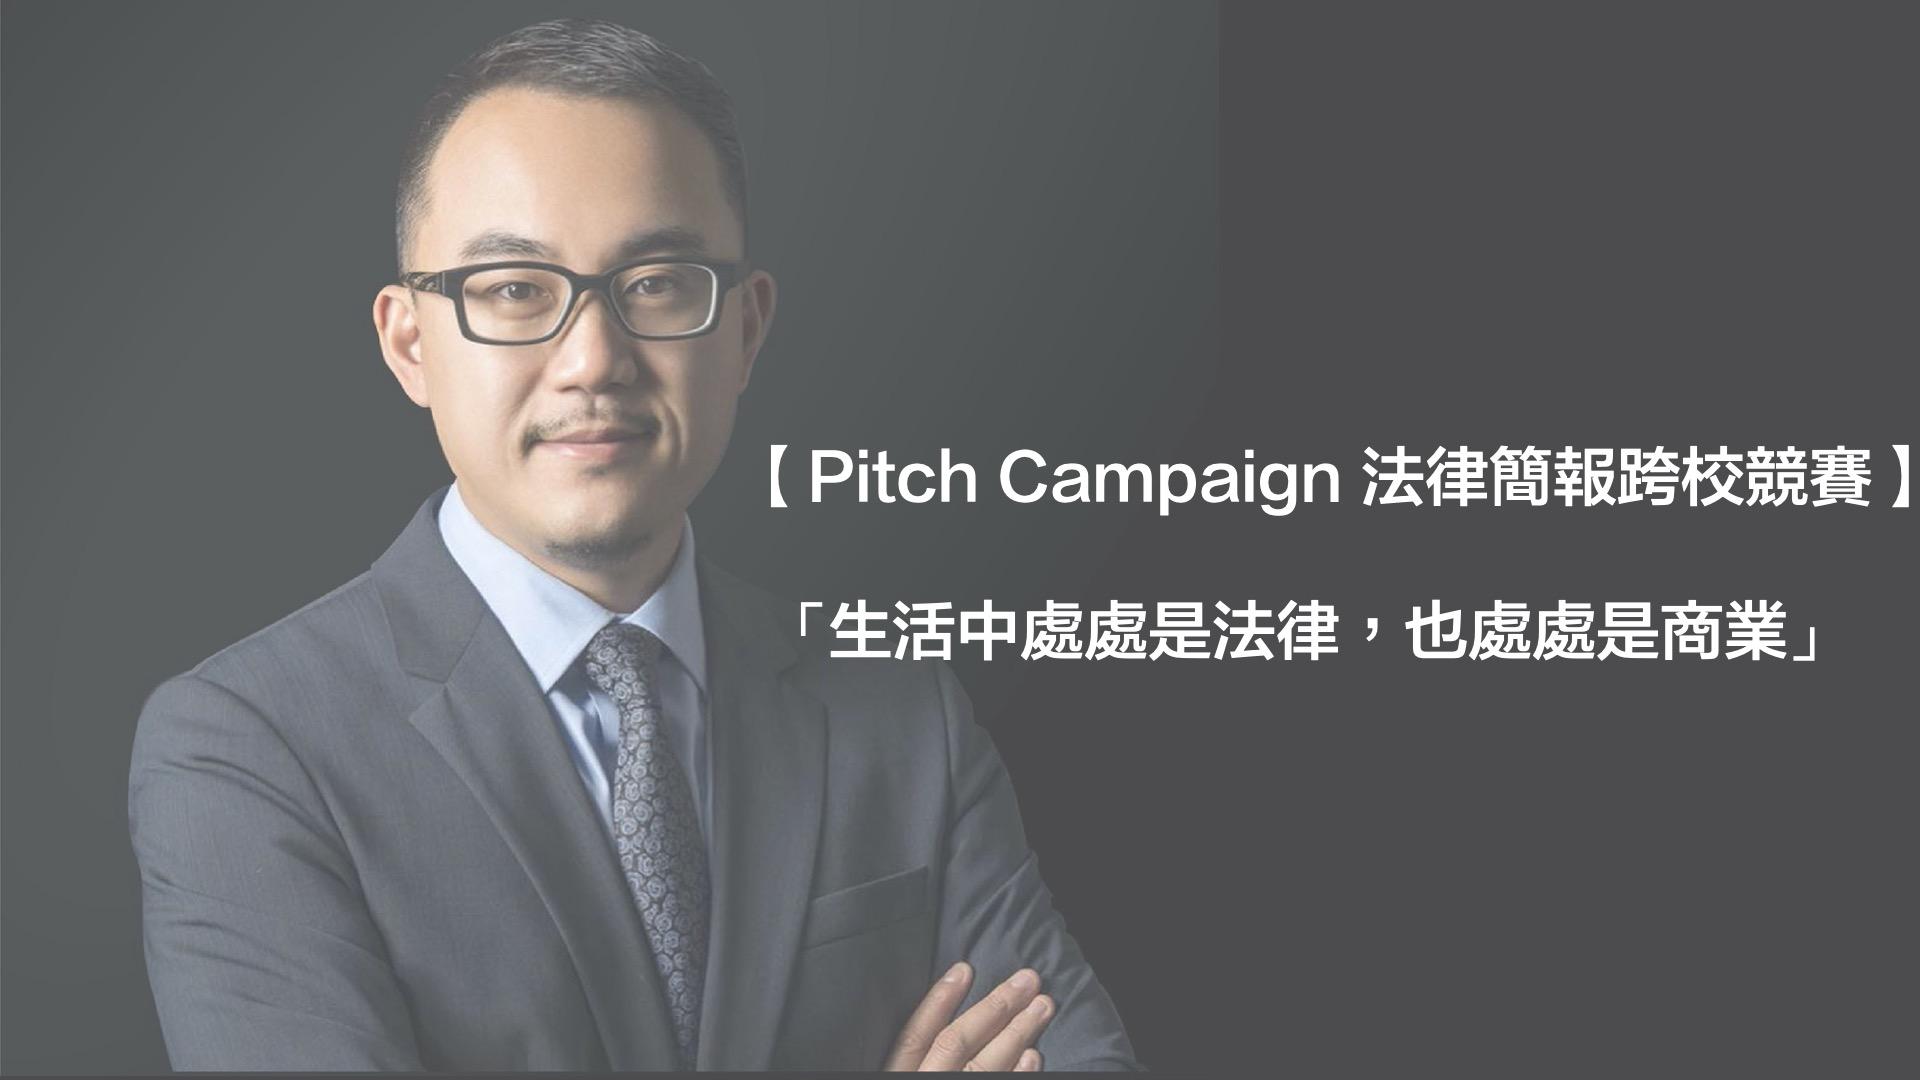 黃沛聲-Pitch Campaign